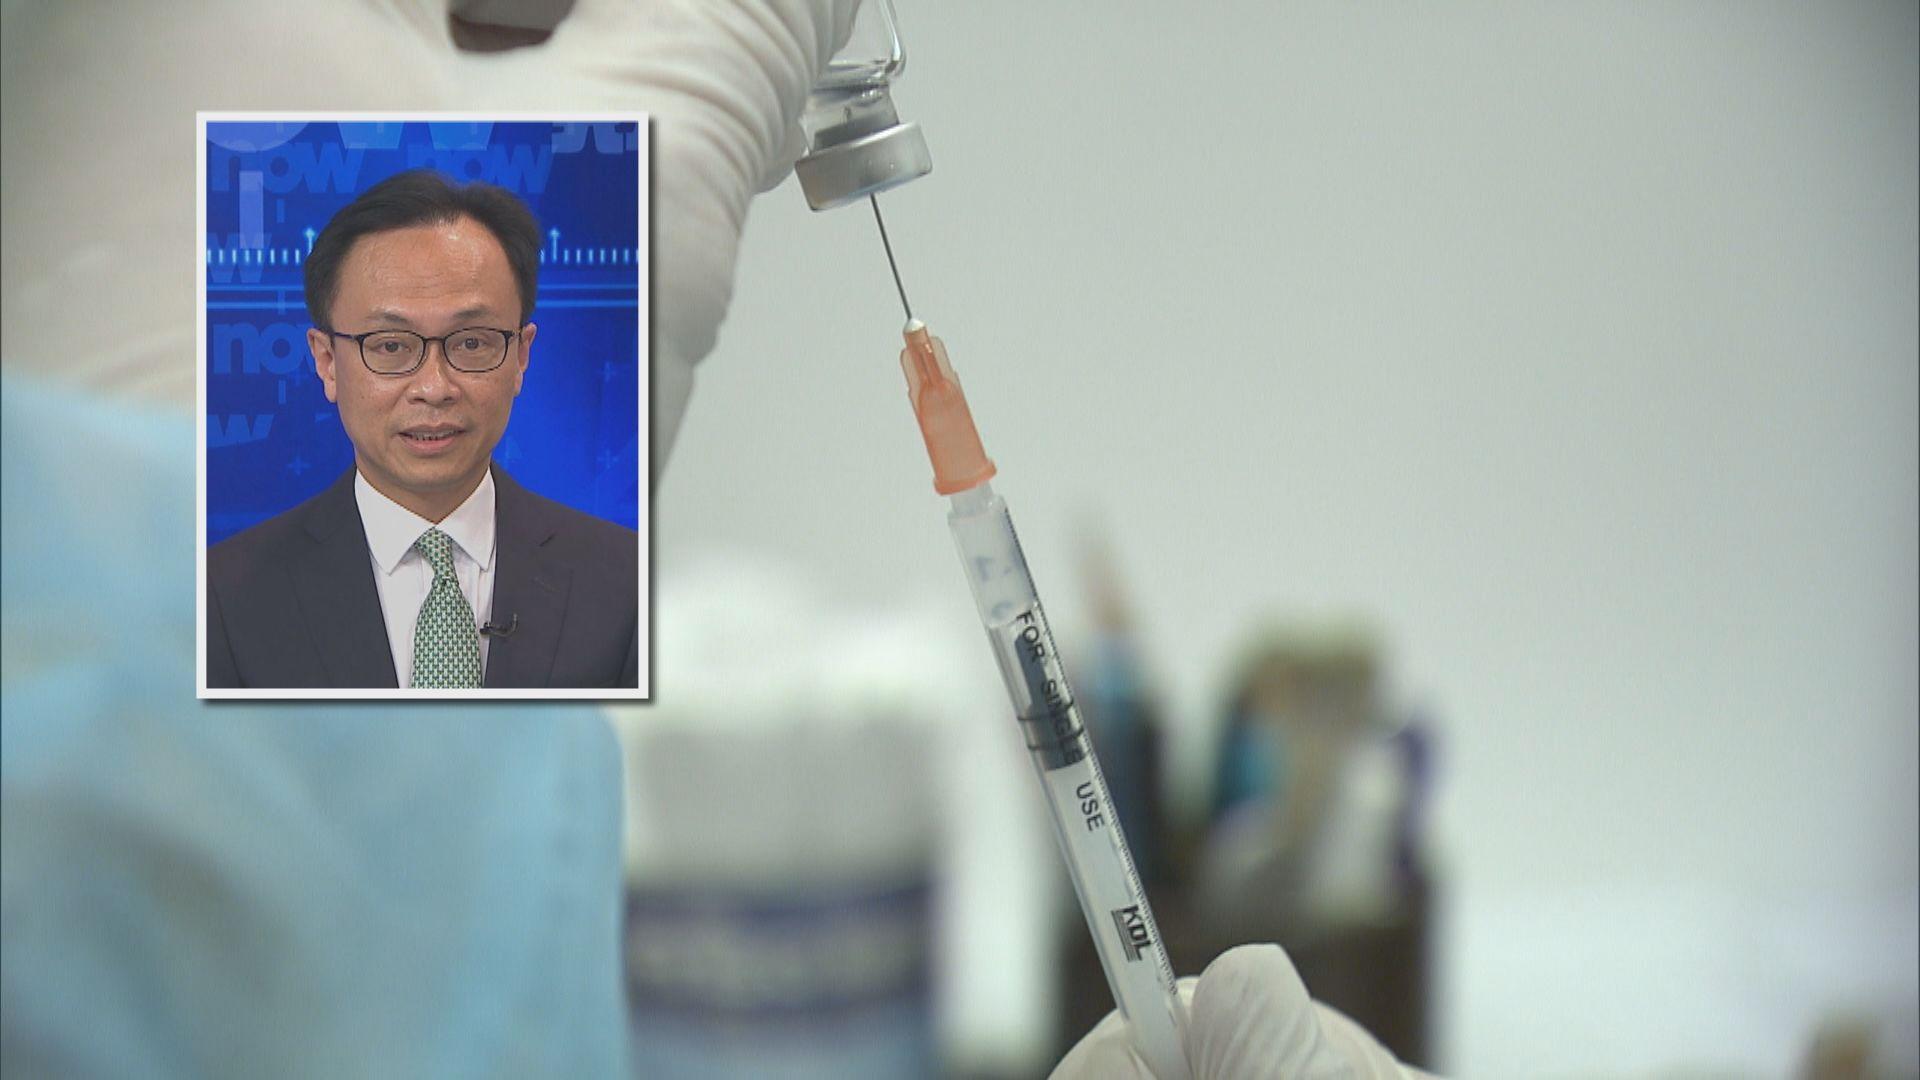 聶德權︰現行接種安排穩妥 累計35萬人預約接種疫苗